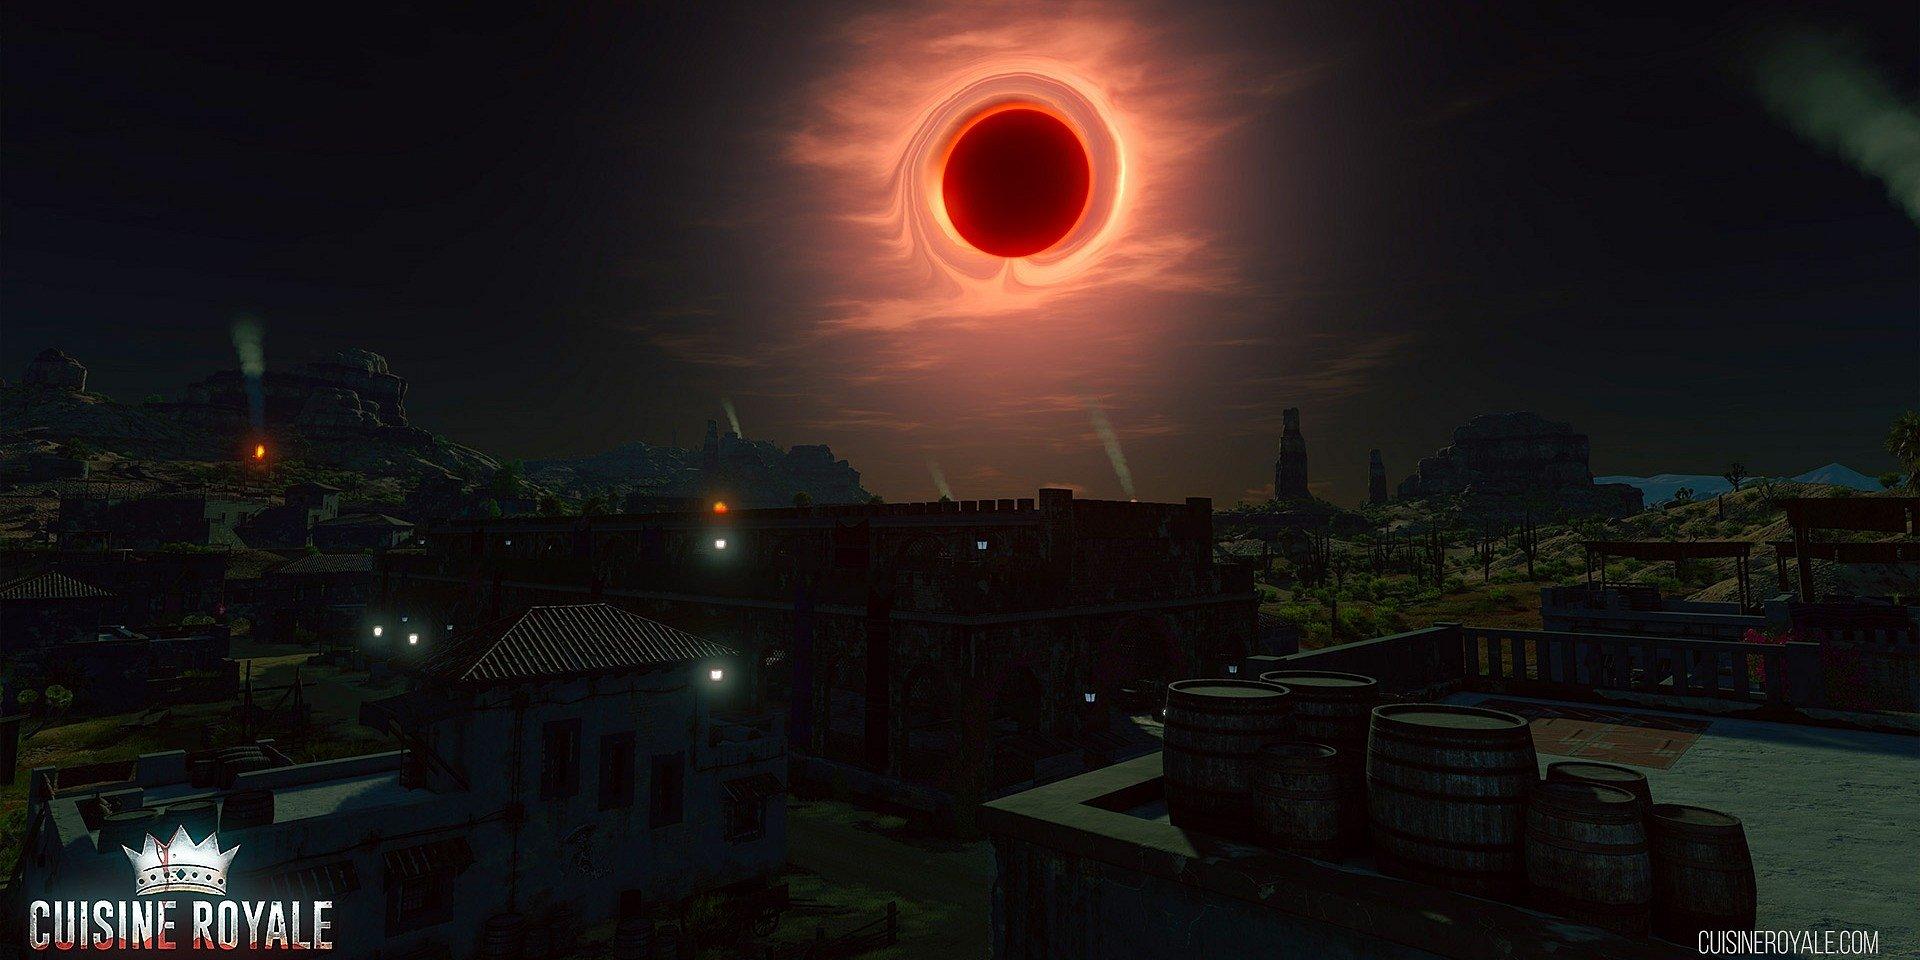 Čierne slnko sa vznáša nad Cuisine Royale